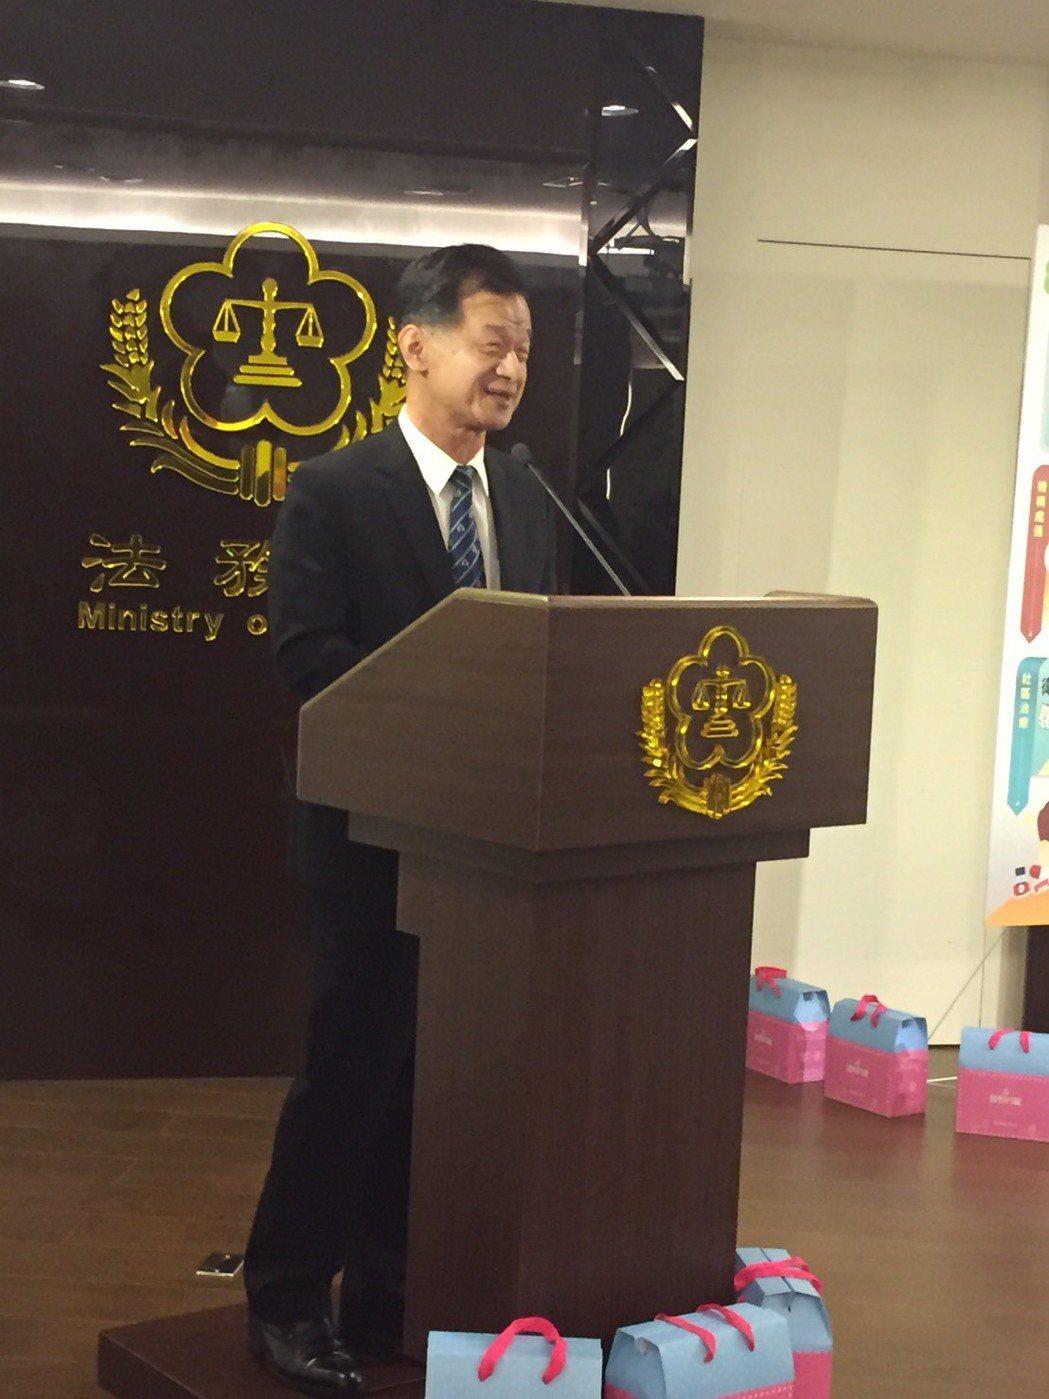 法務部長邱太三說,「我年輕時幫女受刑人帶過孩子」。記者王聖藜/攝影